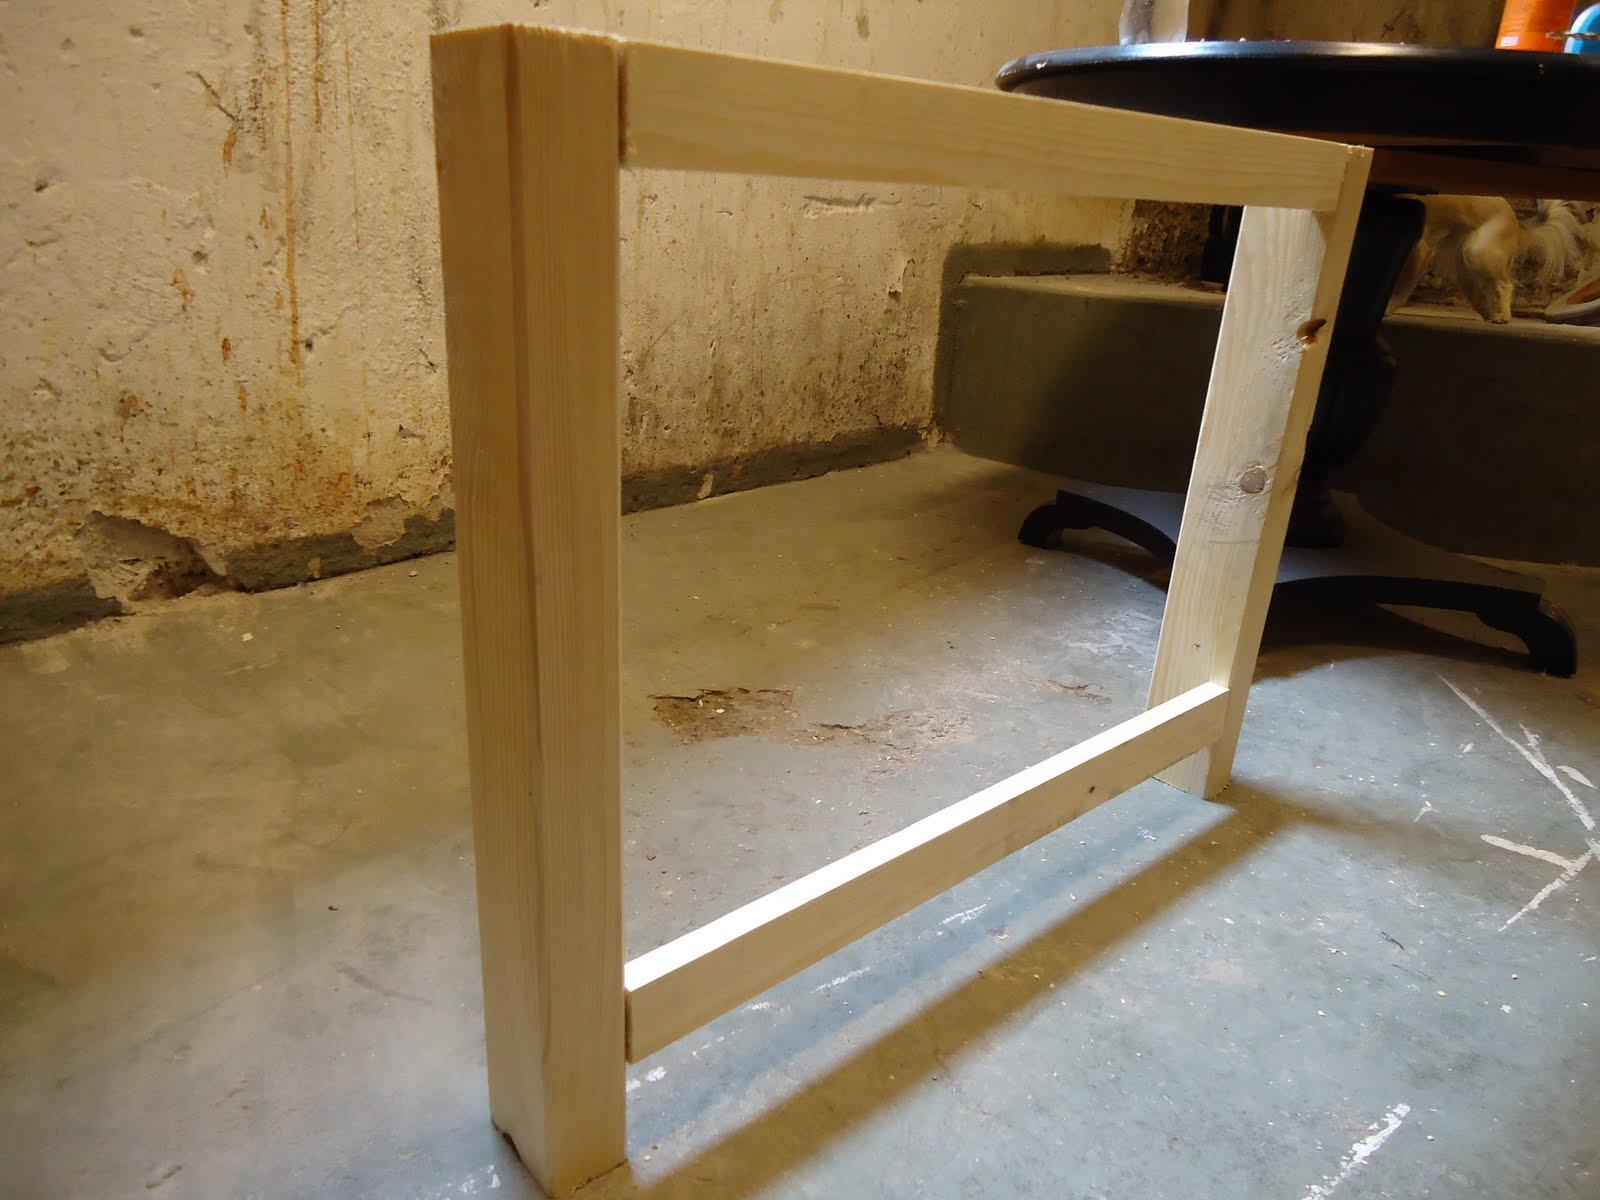 Lantlig inredning - Shabby Chic möbler och småfynd: Projekt ...